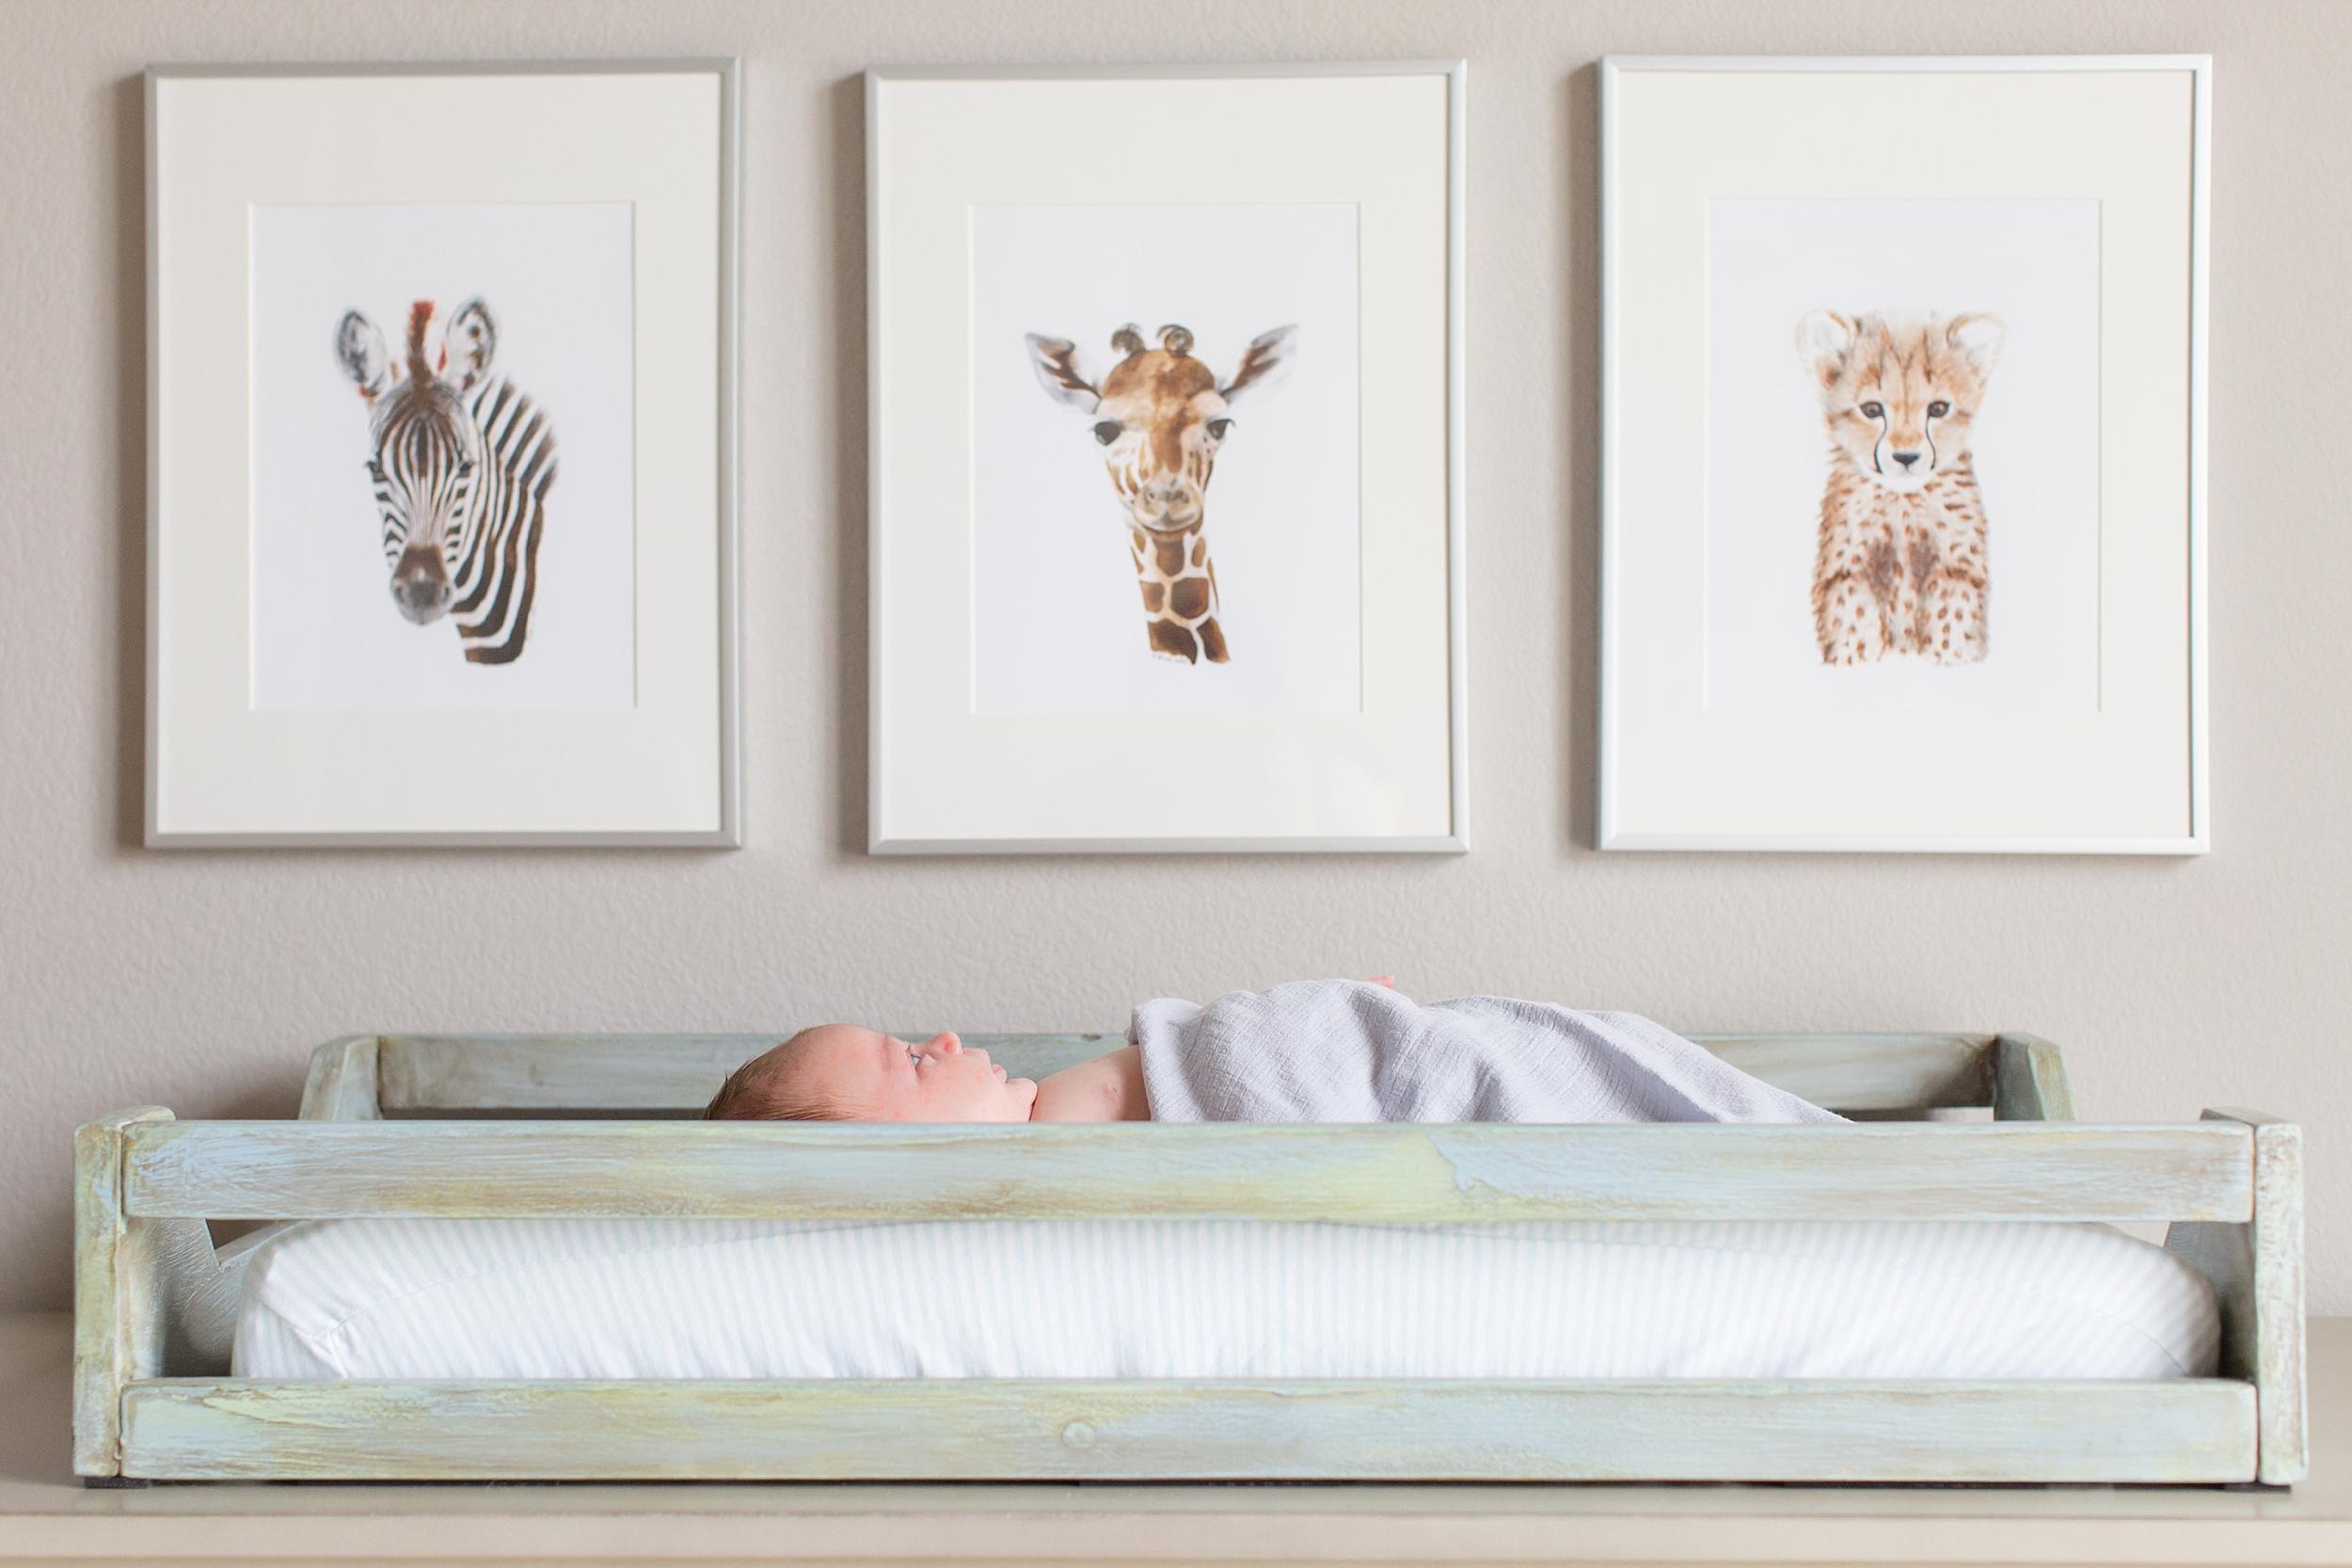 Landon-Schneider-Photography-Liverance-Newborn-Session-McKinney-Texas_0027.jpg